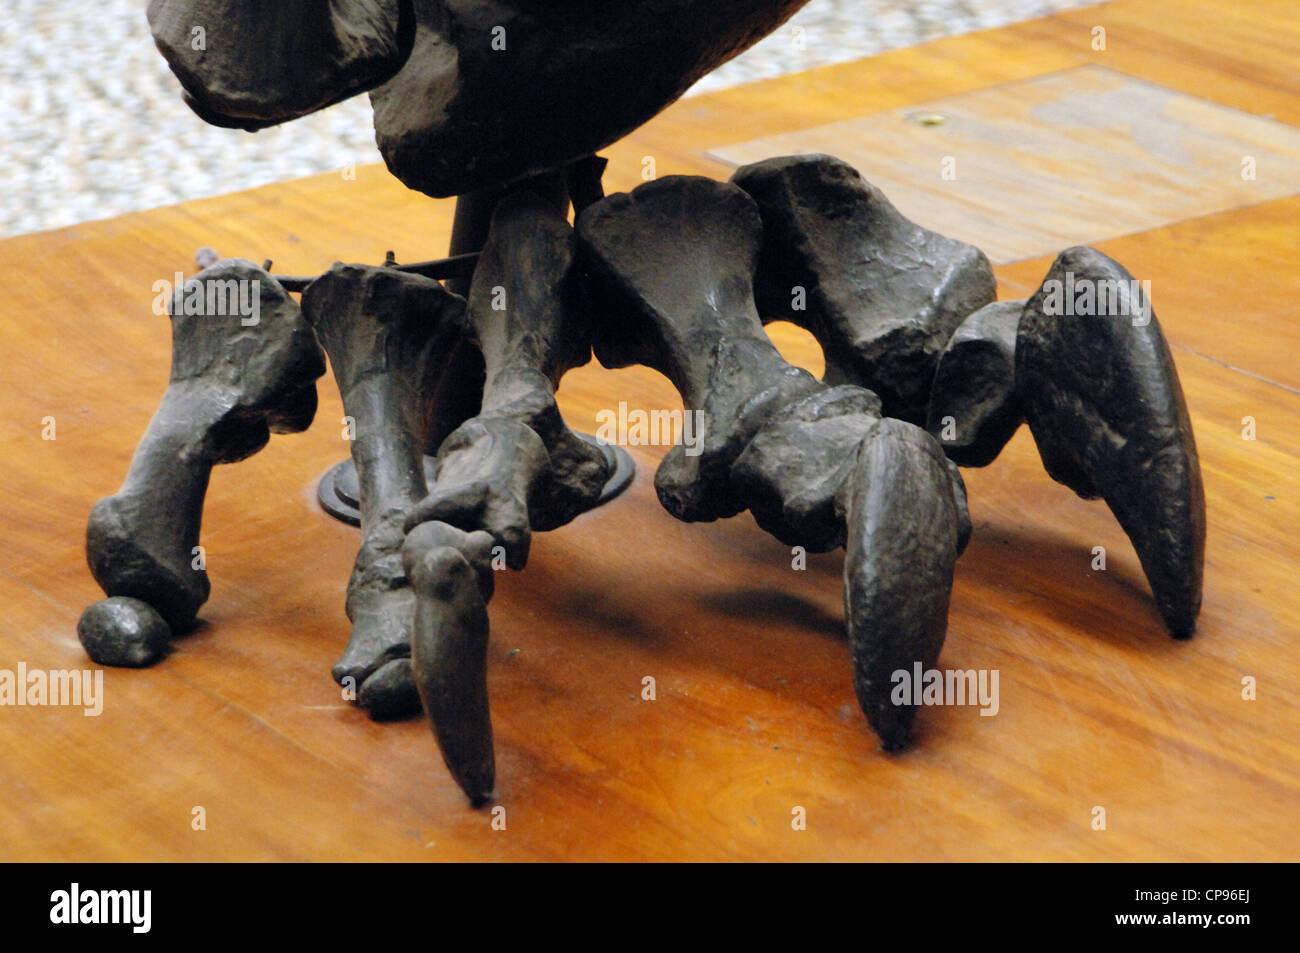 El Diplodocus (Diplodocus carnegii). Pierna. Detalle. Jurásico Superior. 150 millones de años. Foto de stock